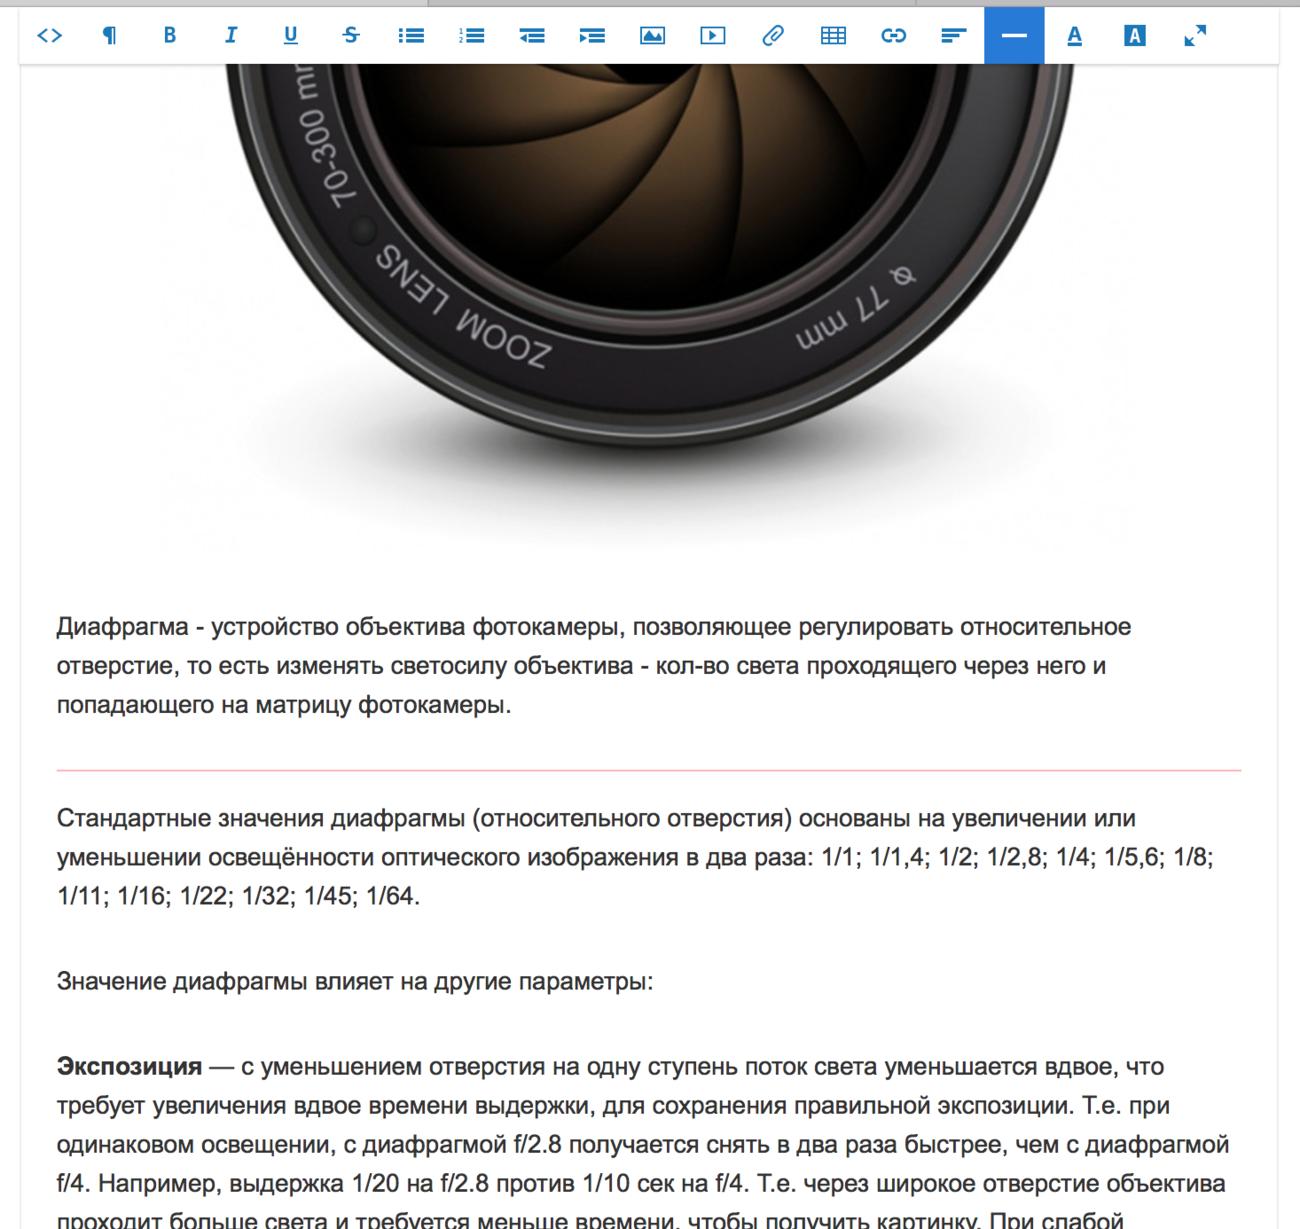 Ограничение диафрагмы в фотоаппарате запишем